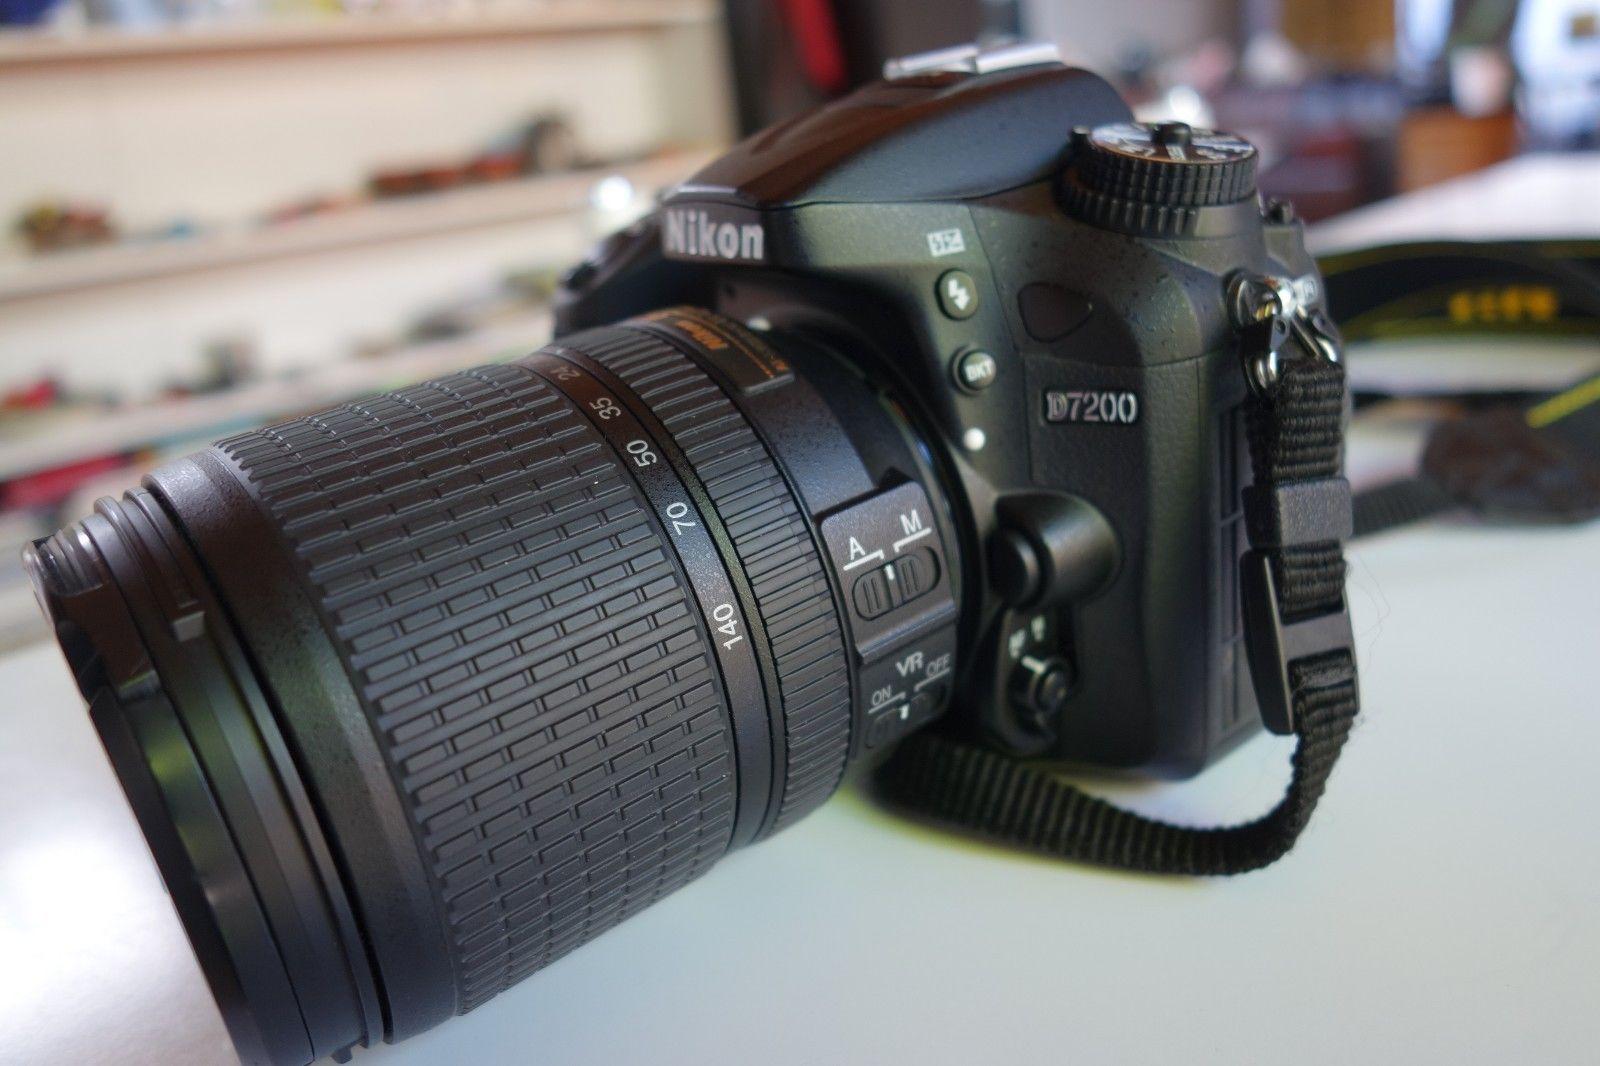 Digitale Spiegelreflexkamera Nikon D 7200 mit Nikon DX VR AF-S Nikkor 18-140mm,